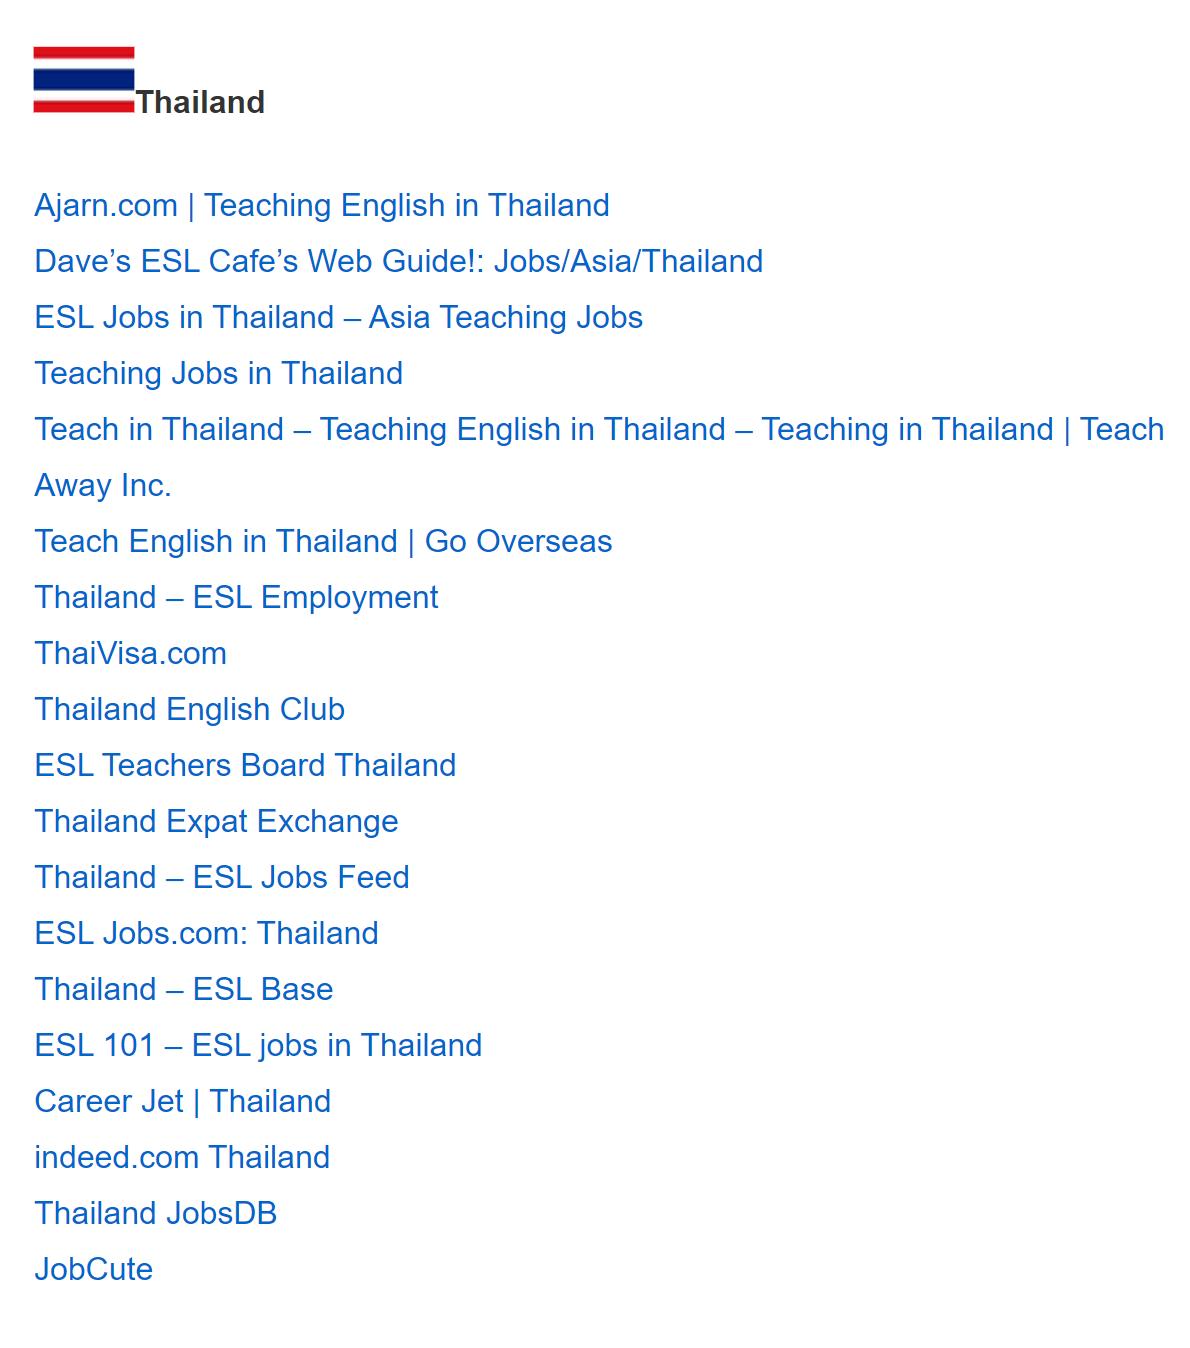 Список ресурсов попоиску работы вТаиланде, доступный после получения сертификатаTEFL